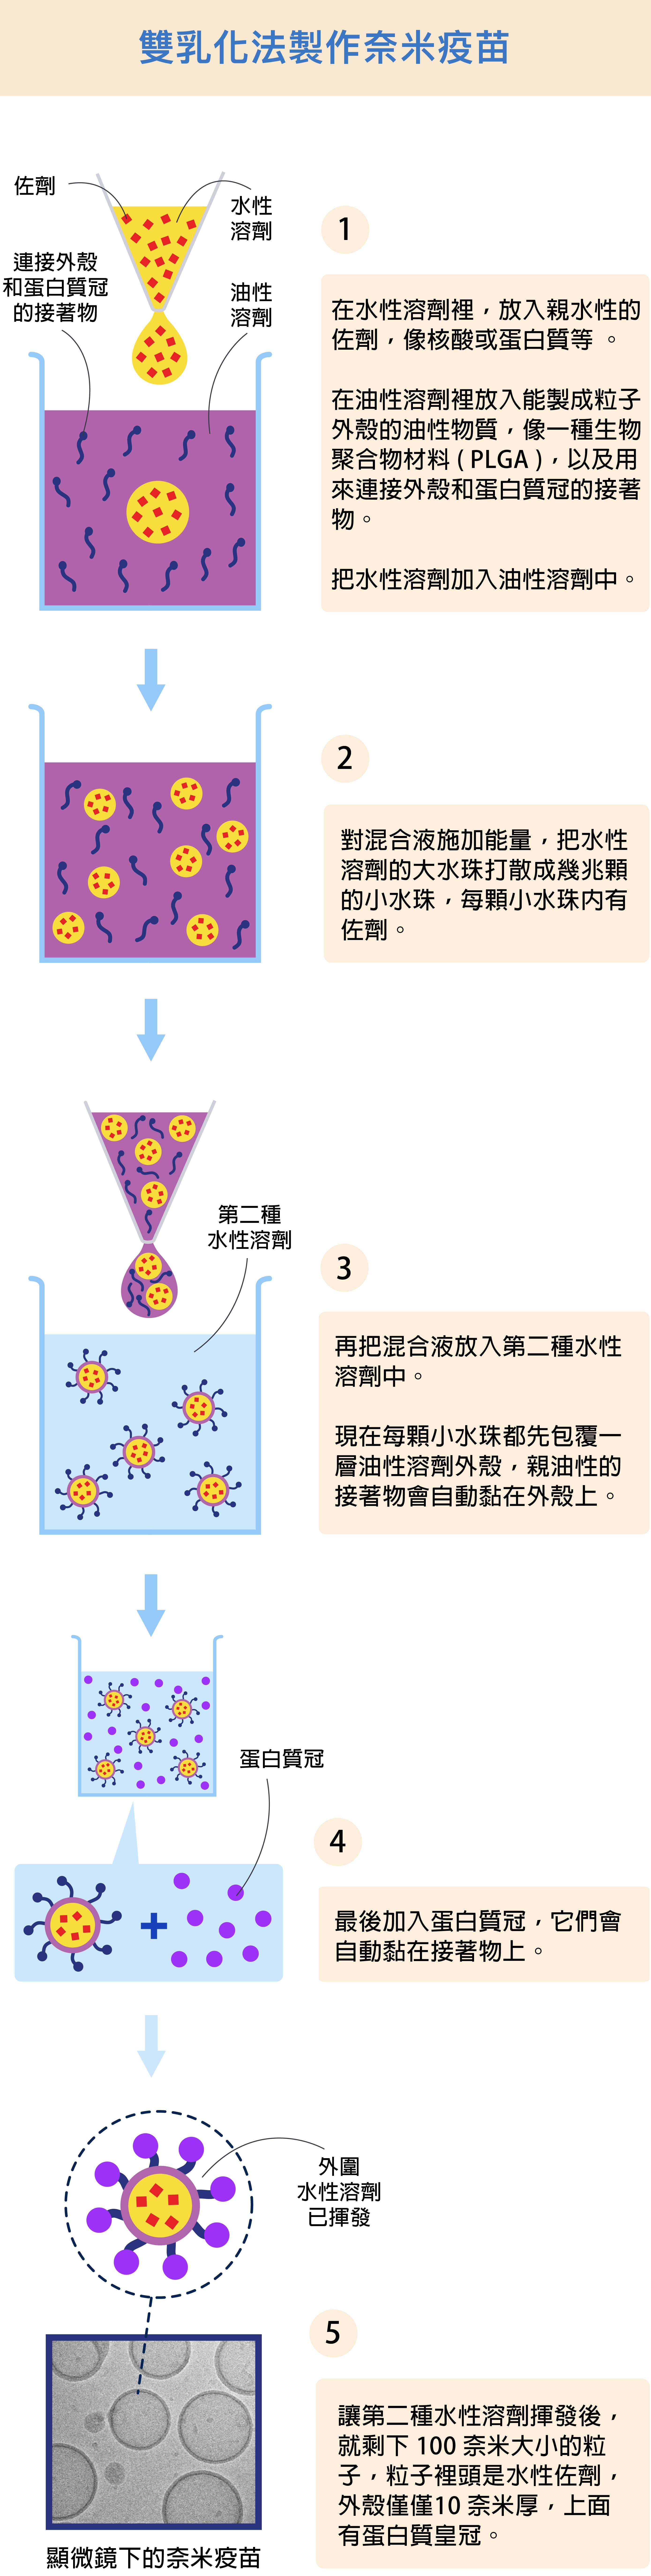 資料來源│胡哲銘 圖說設計│黃曉君、林洵安